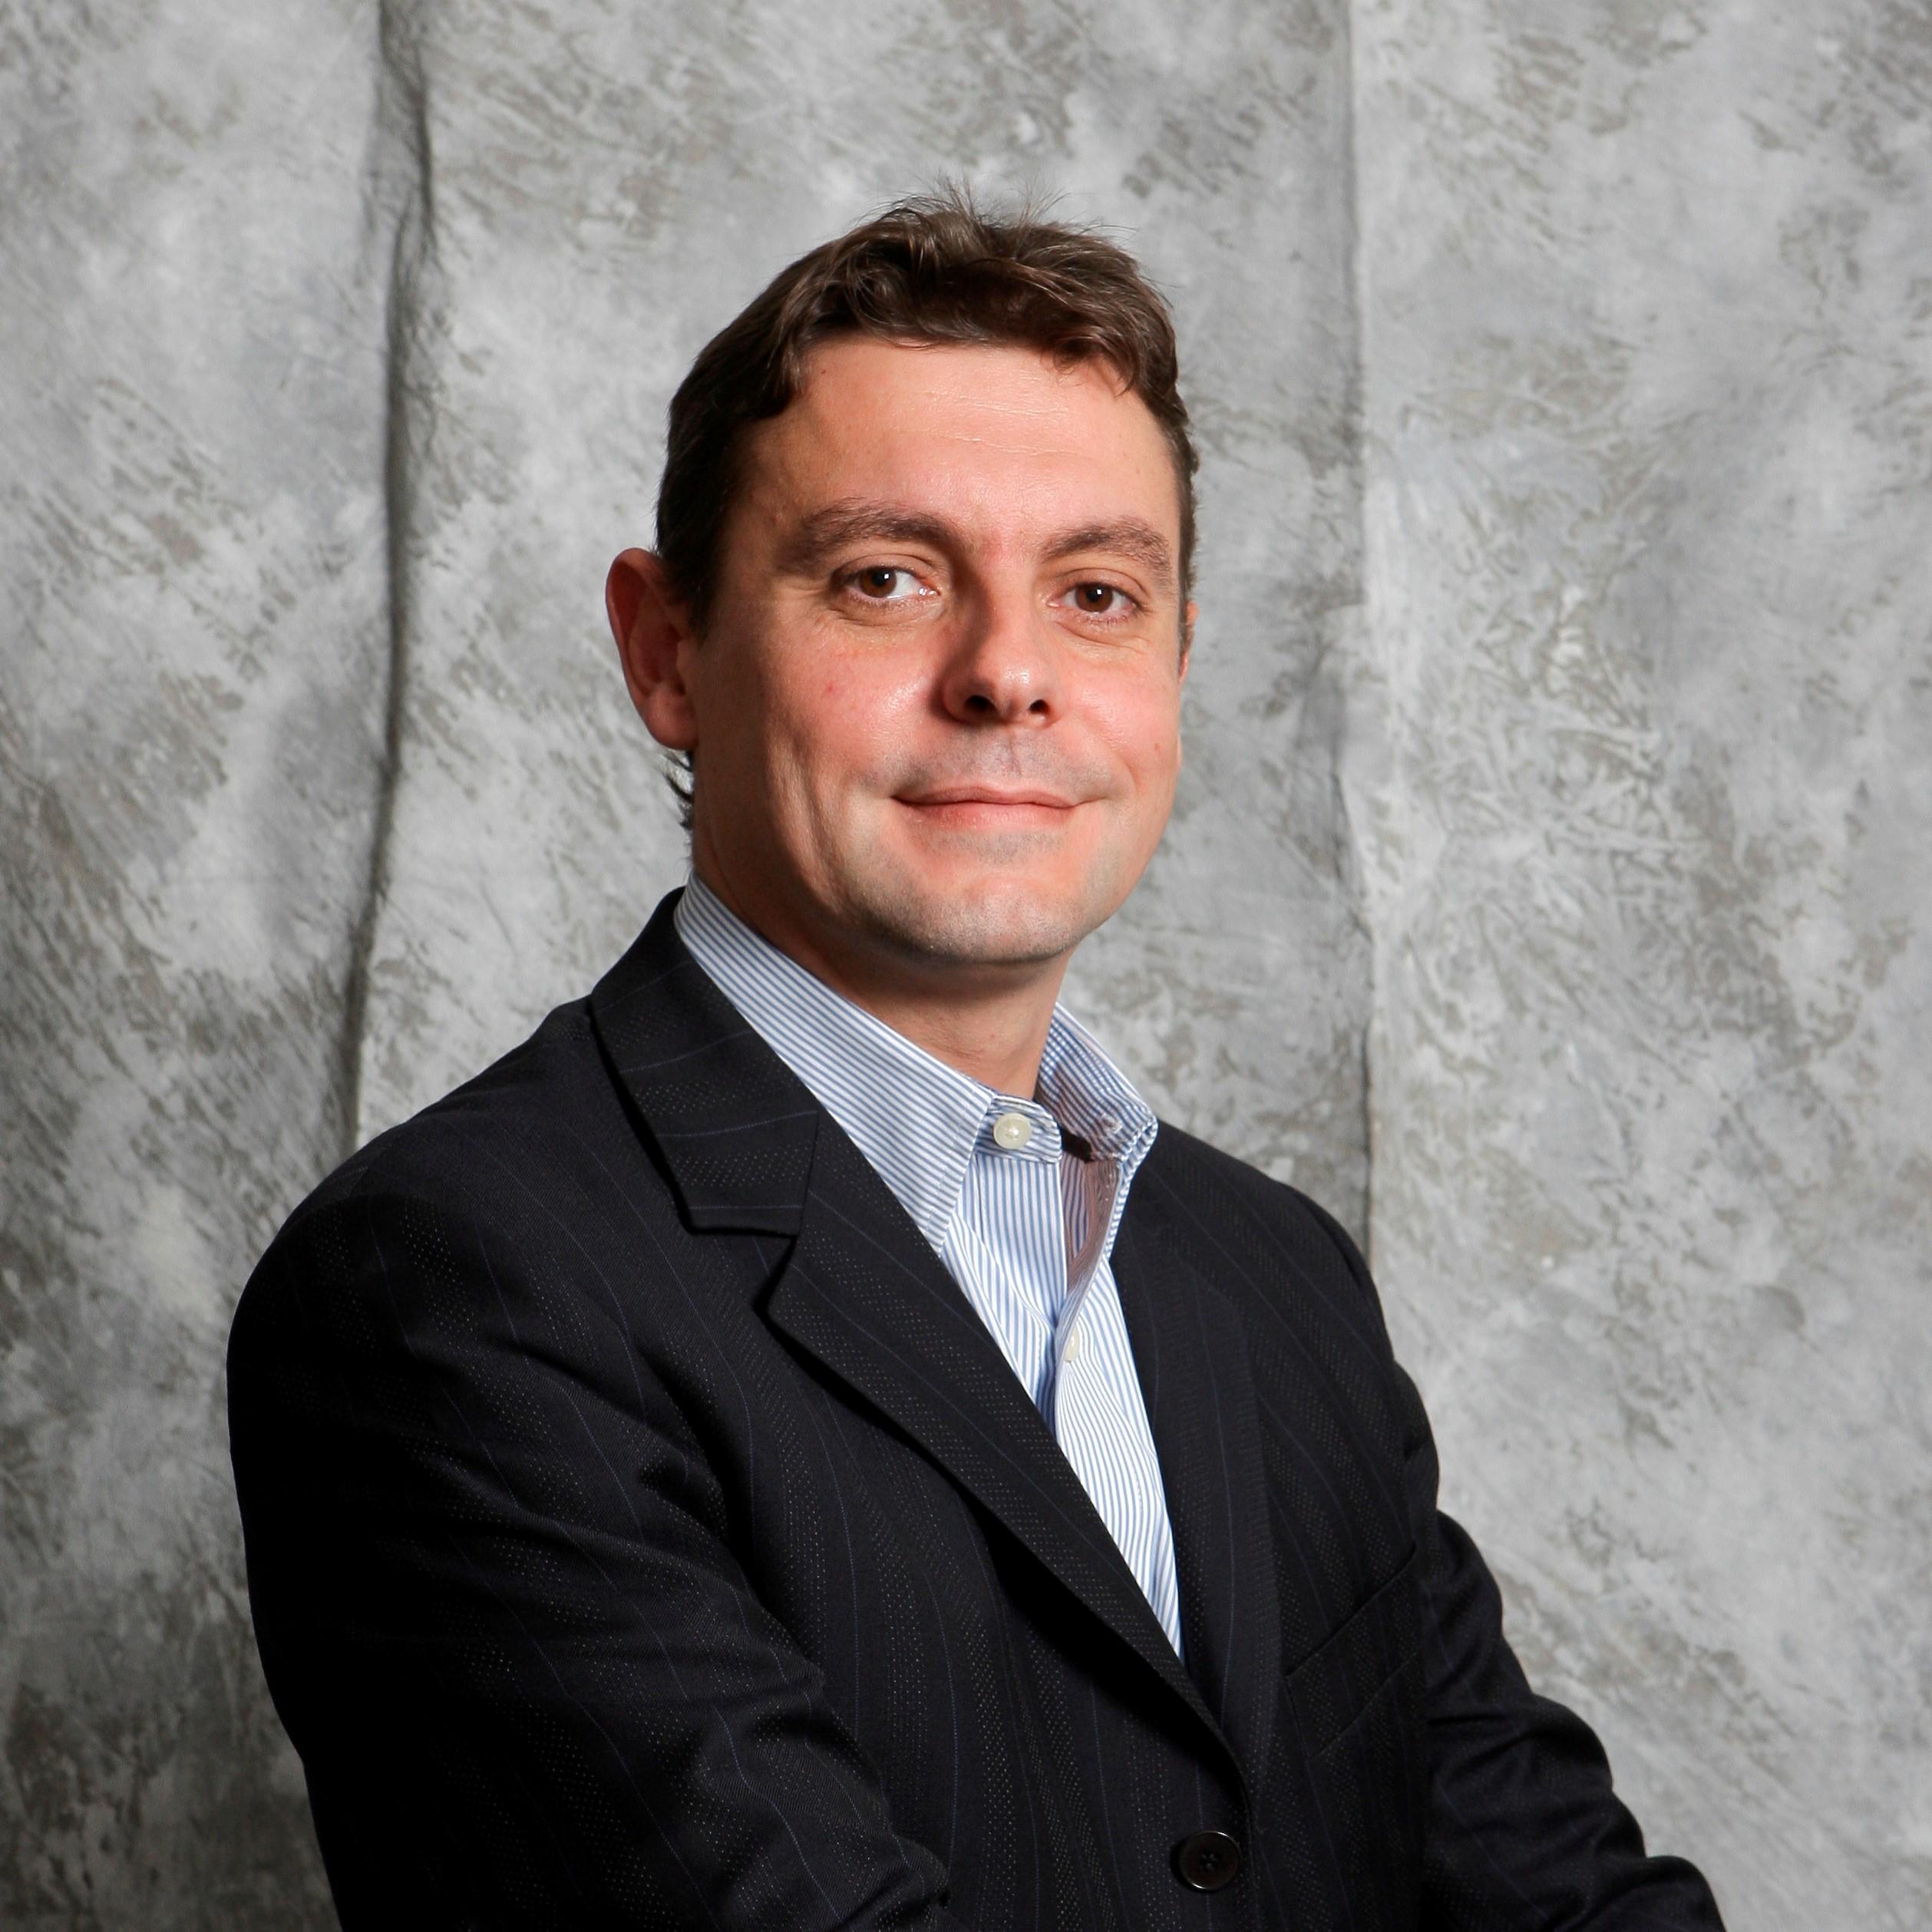 Laurent Masia